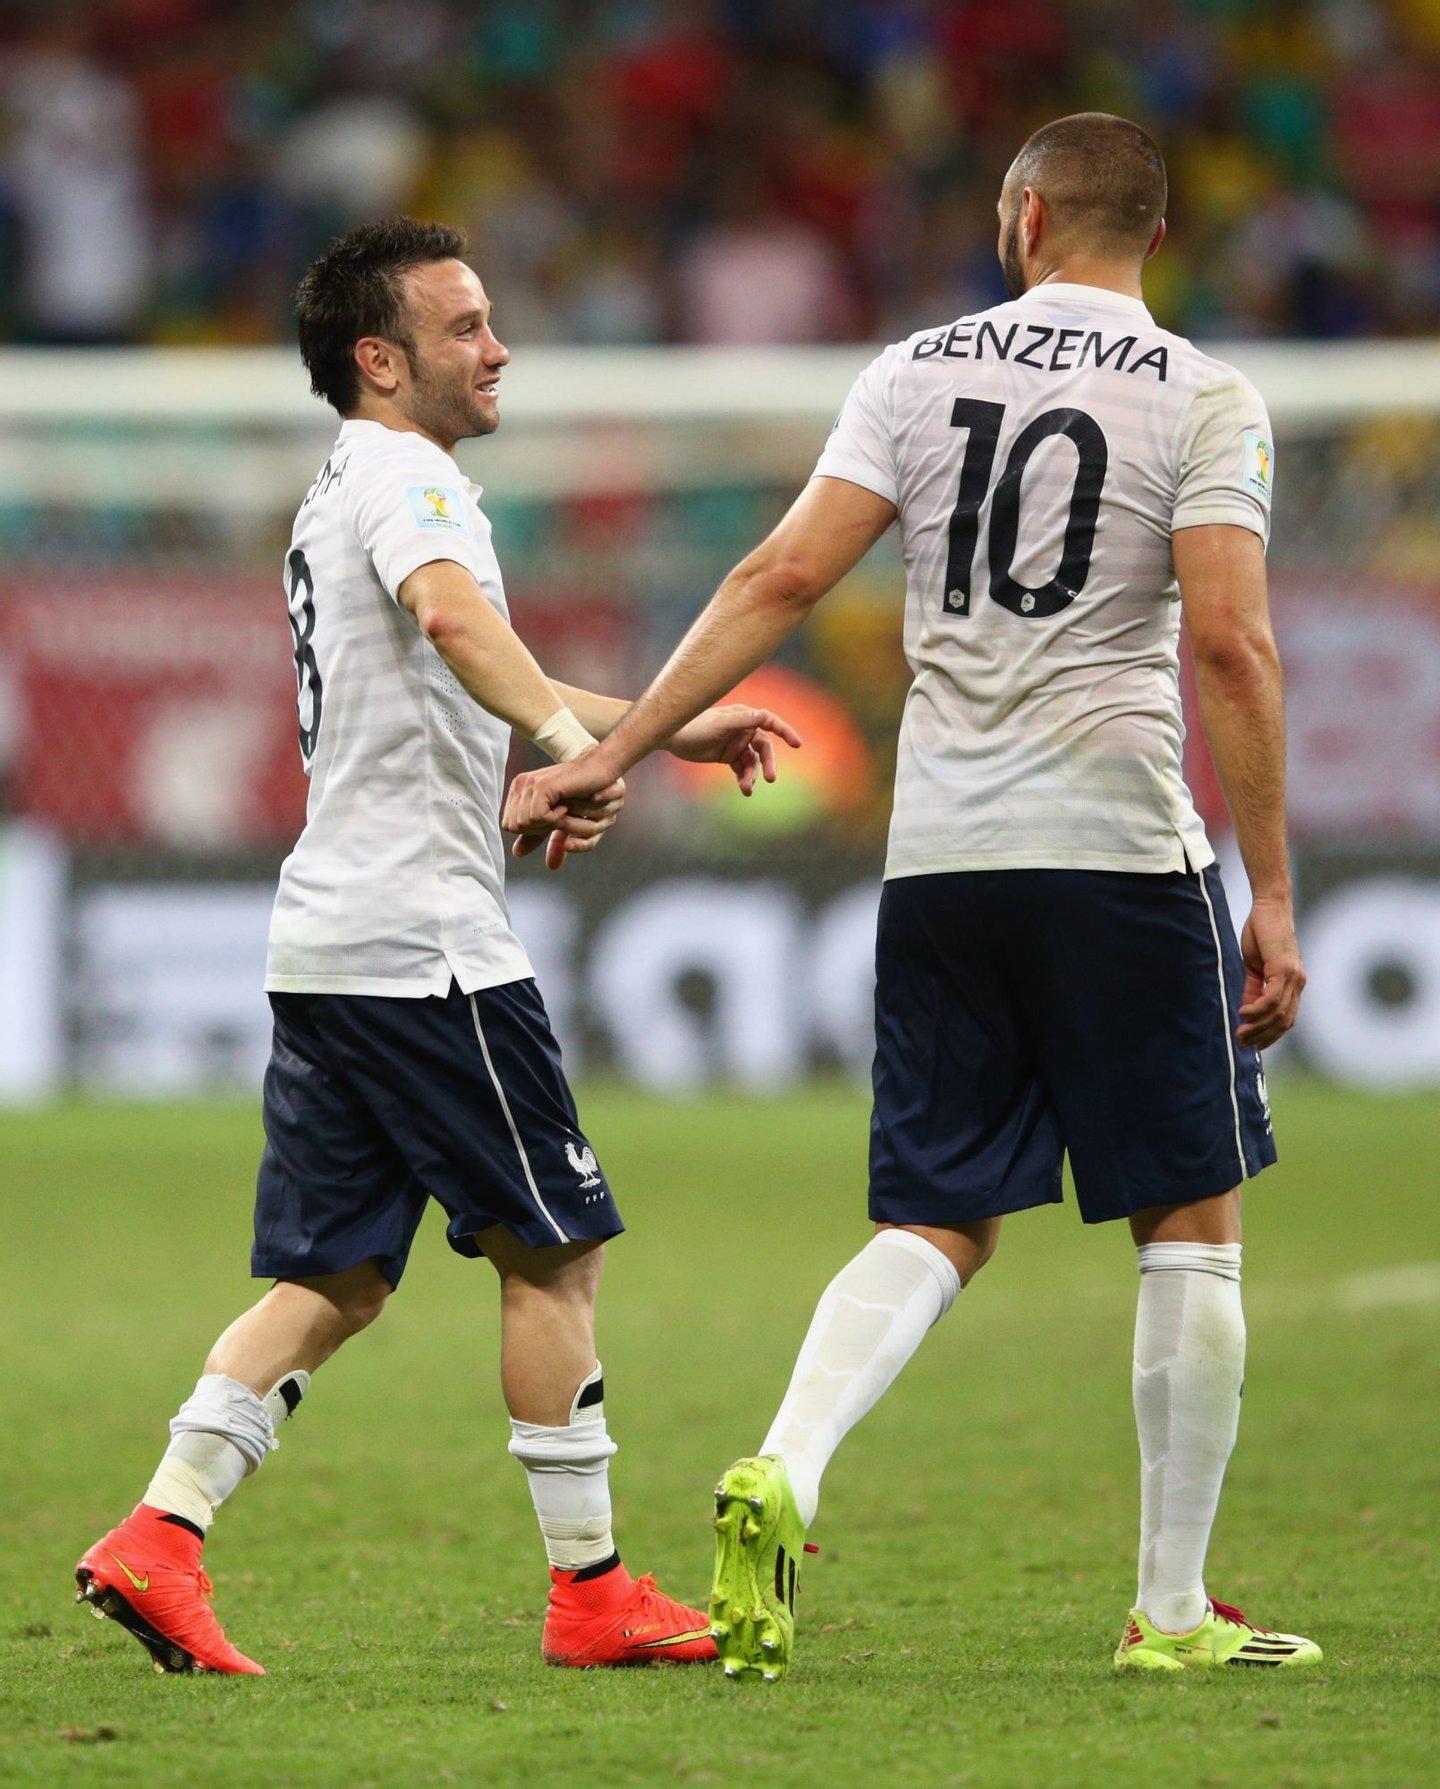 Mathieu Valbuena e Karim Benzema. Tão amigos que eles eram... (Créditos: Adam Pretty/Getty Images)